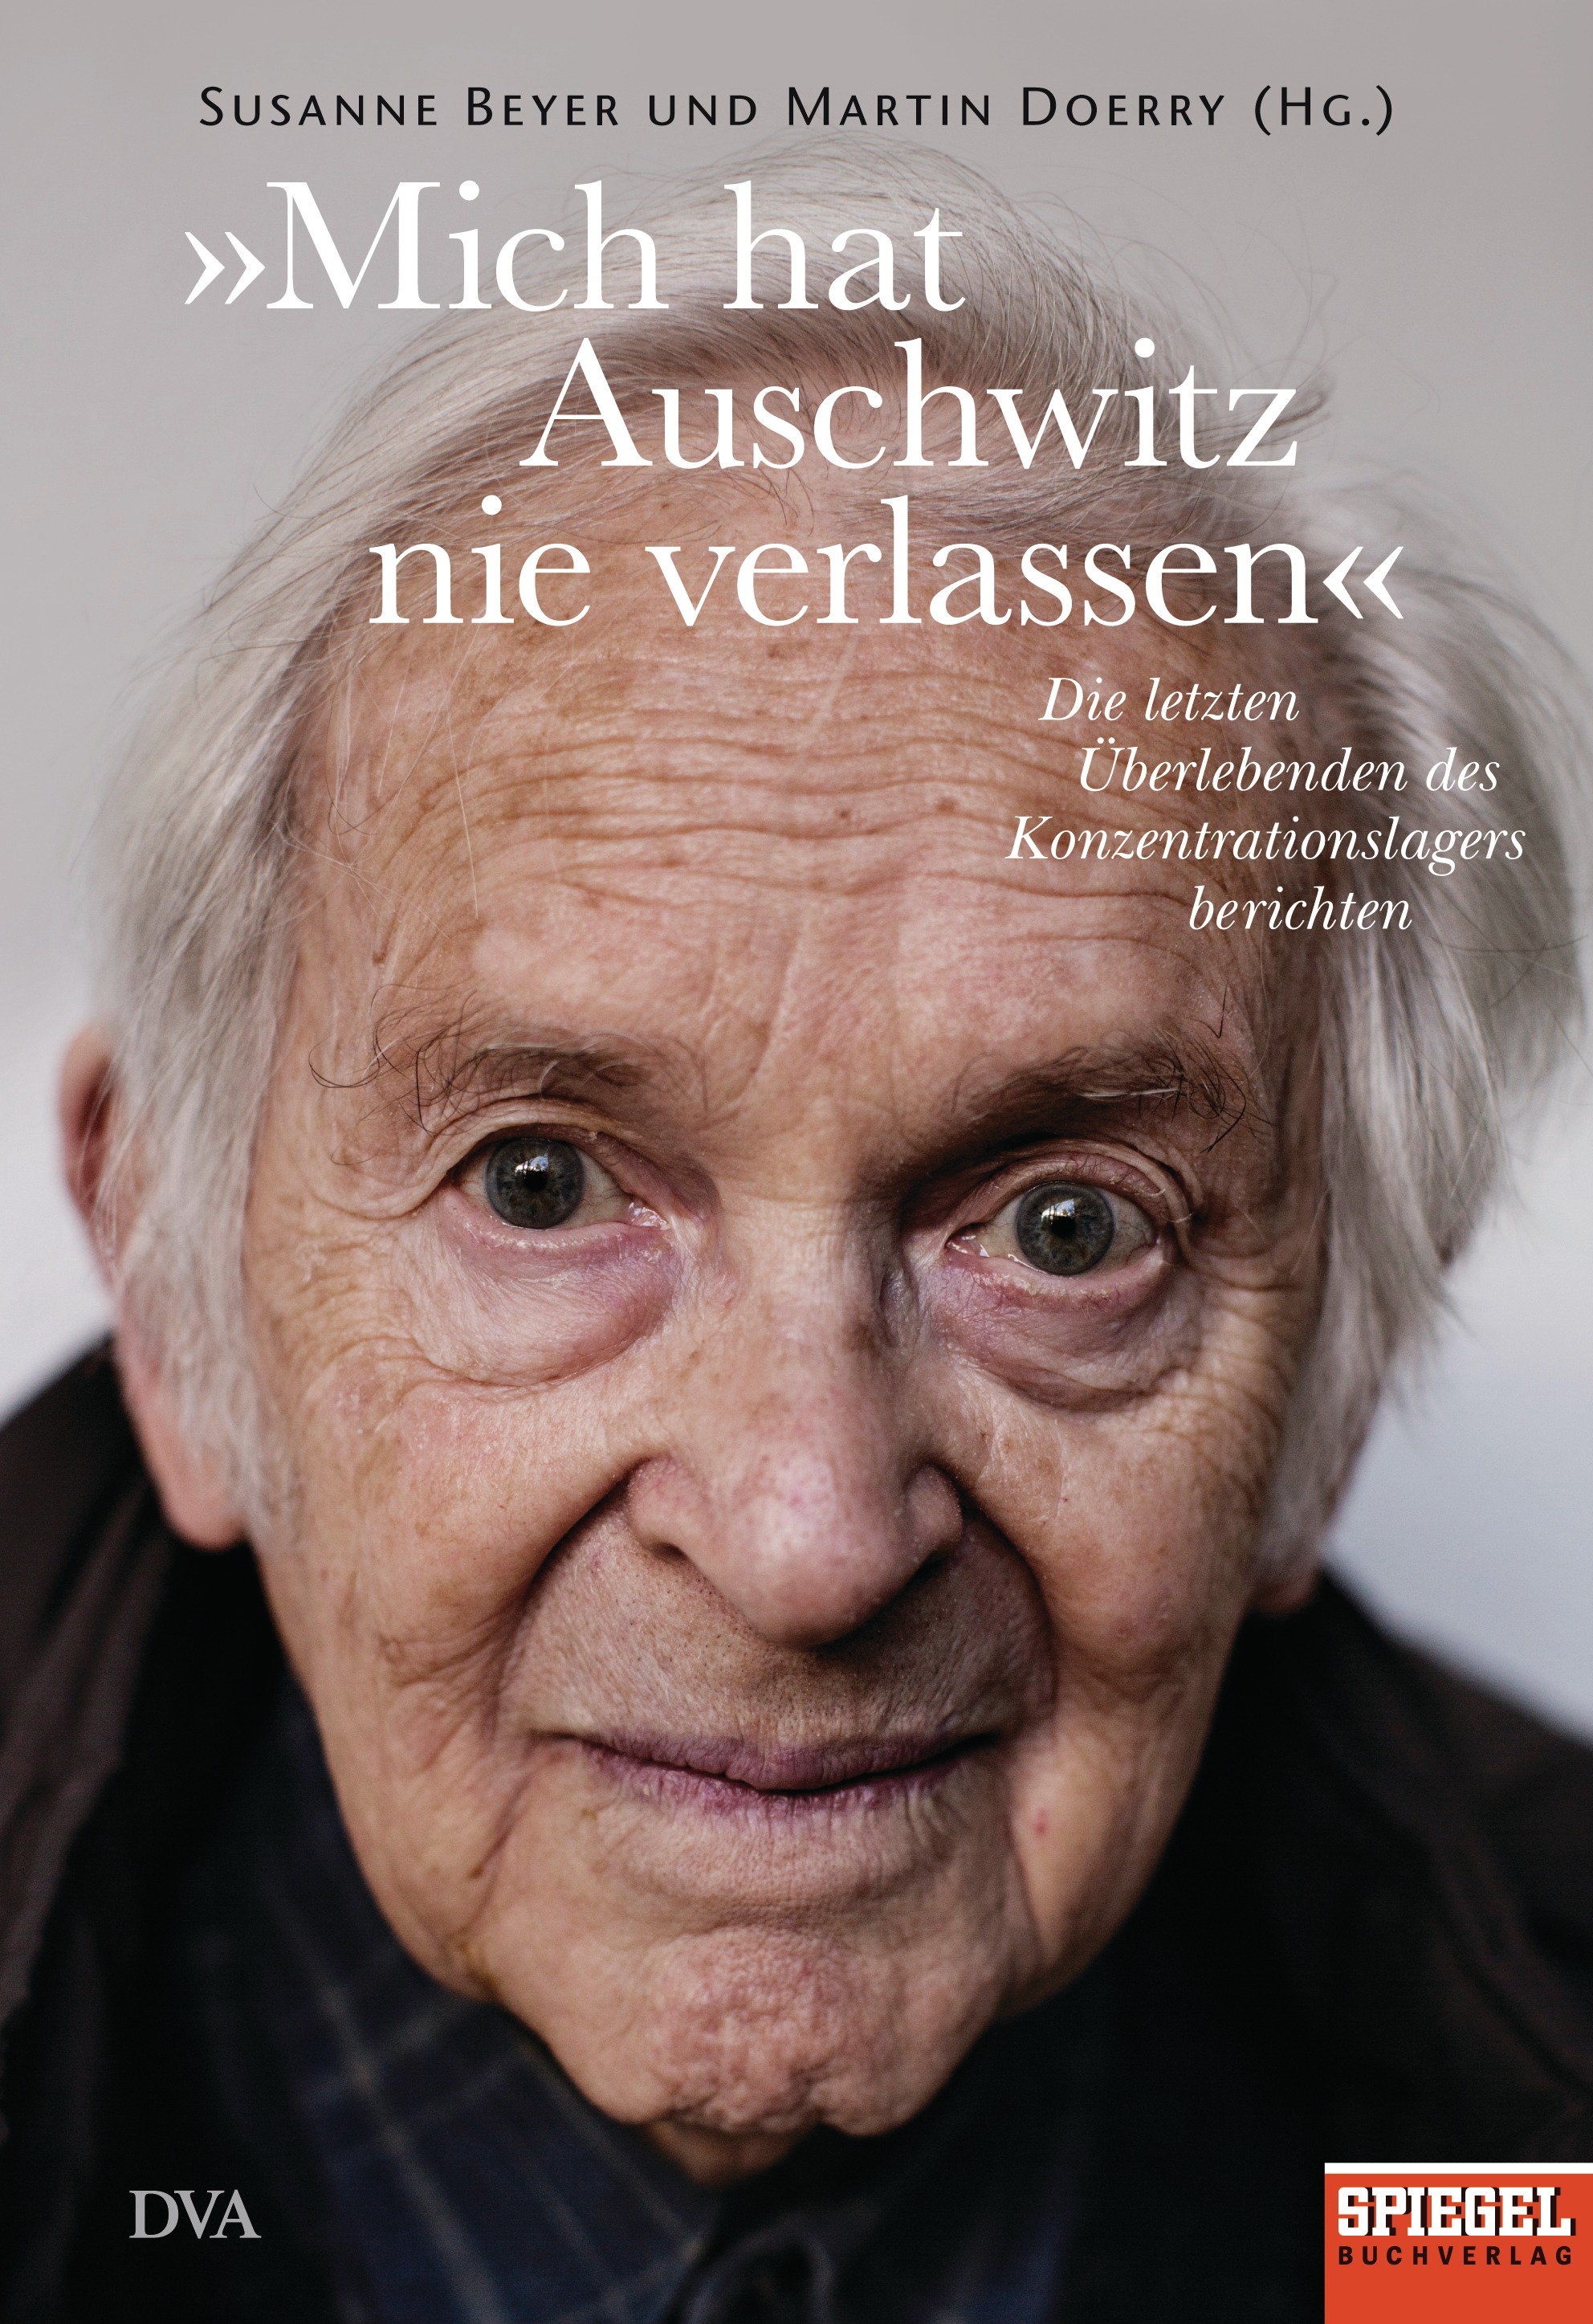 Rezension: Susanne Beyer und Martin Doerry (Hrsg.), Mich hat Auschwitz nie verlassen – Überlebende des Konzentrationslagers berichten